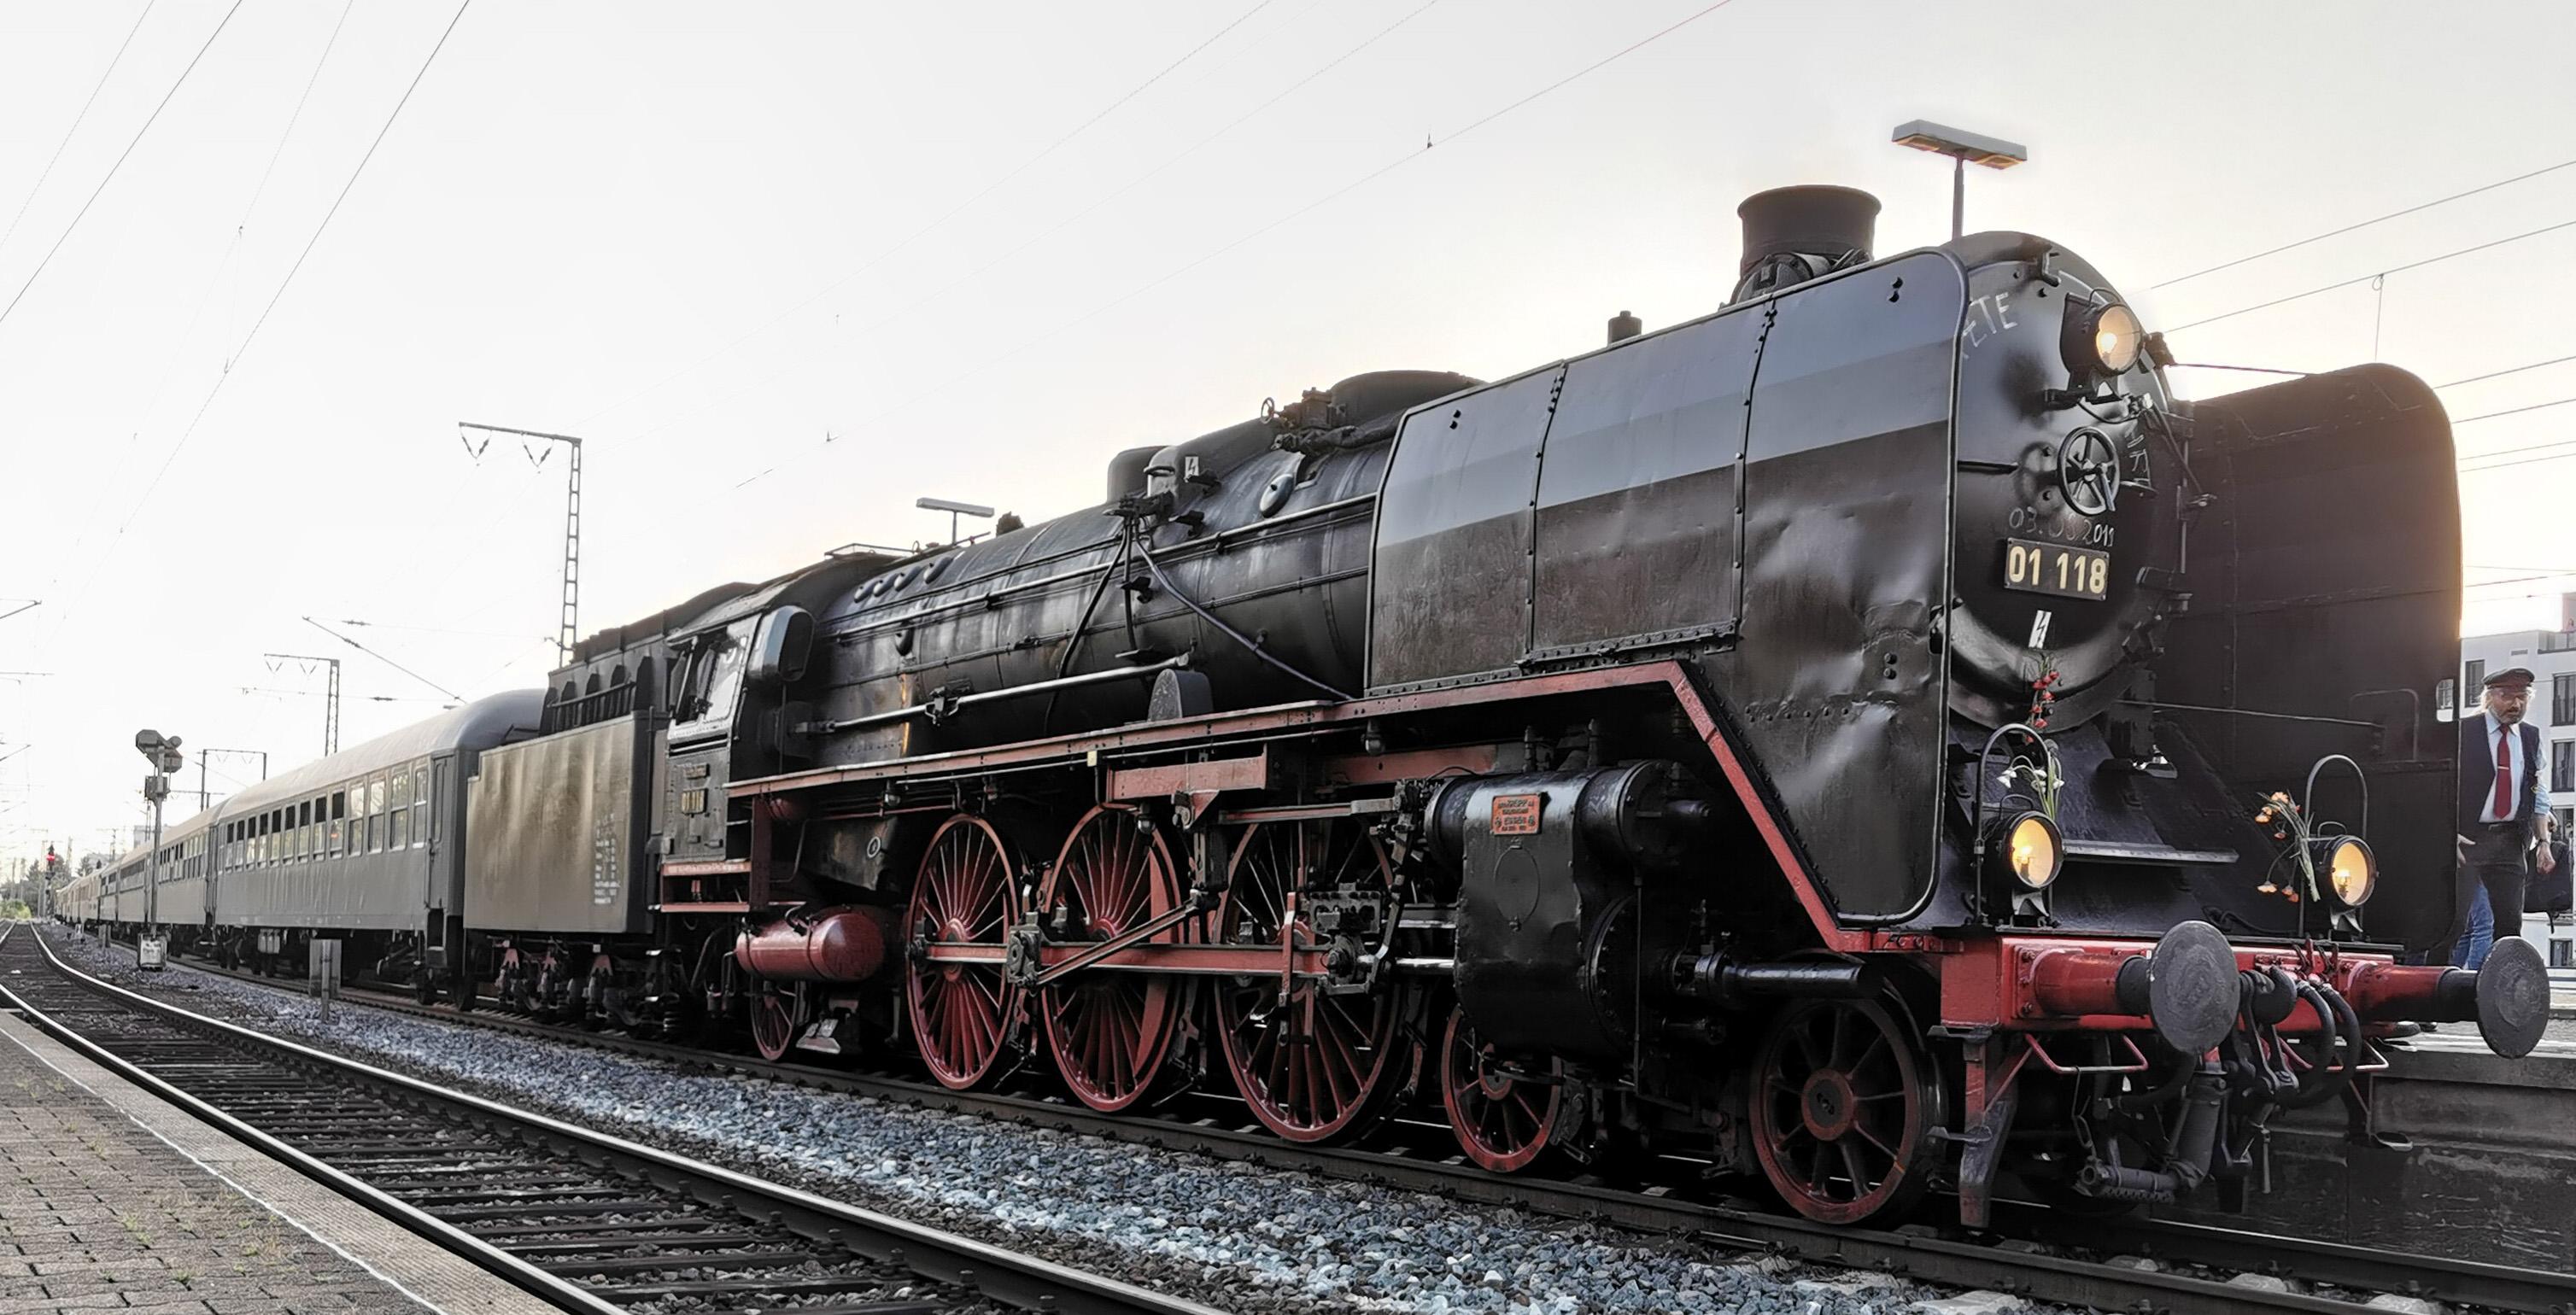 Lok 01 118 in Koblenz-Lützel, 2015